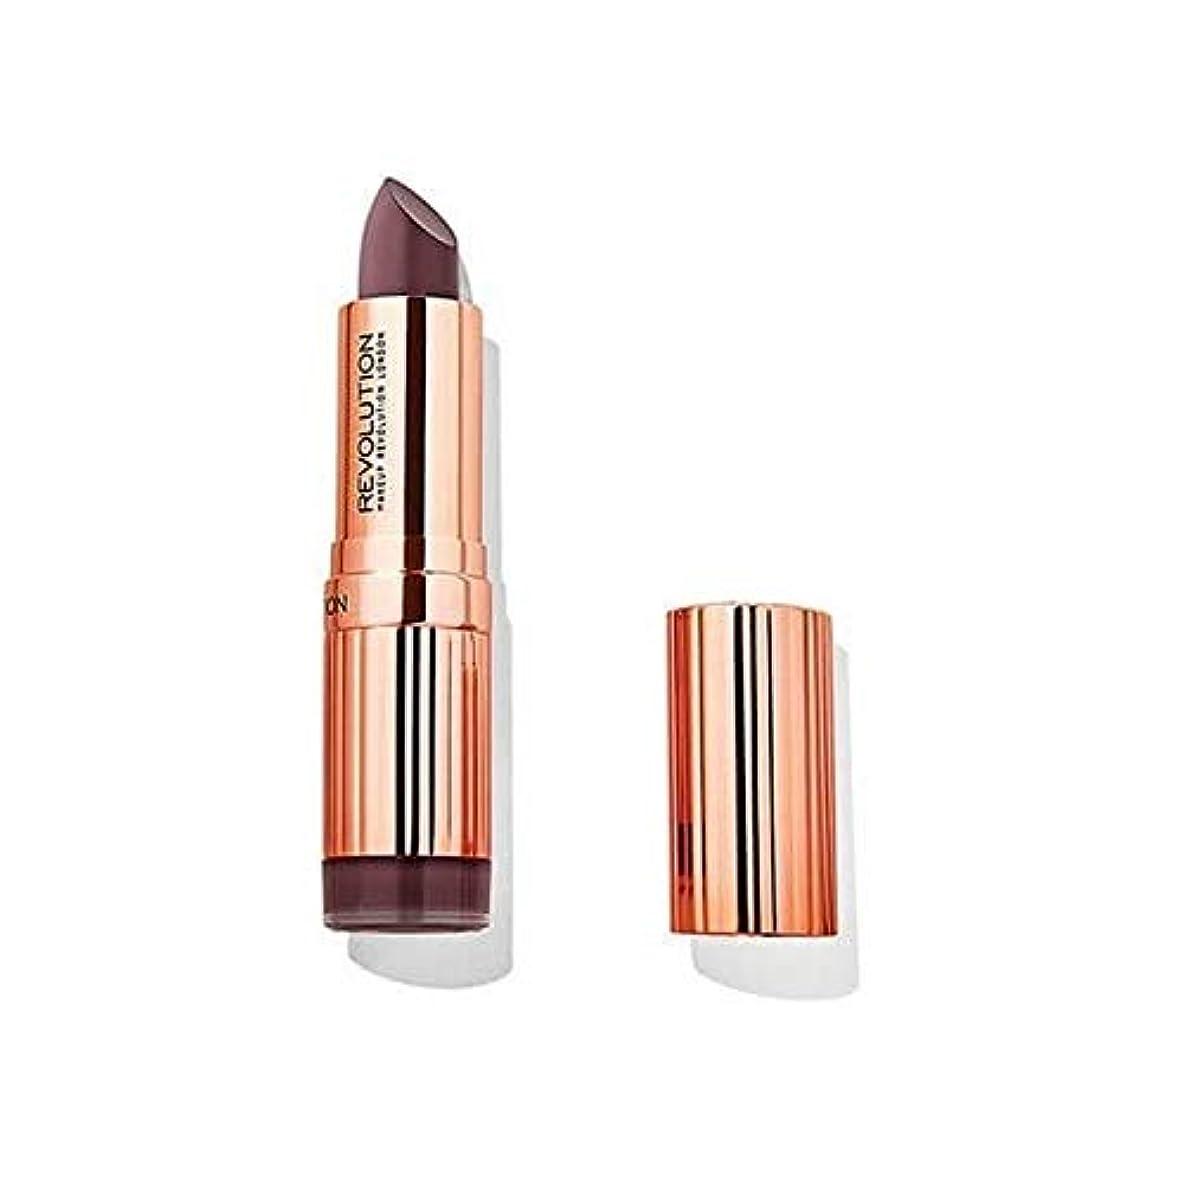 つかむ年金受給者ブランド[Revolution ] 革命ルネサンス口紅買収 - Revolution Renaissance Lipstick Takeover [並行輸入品]